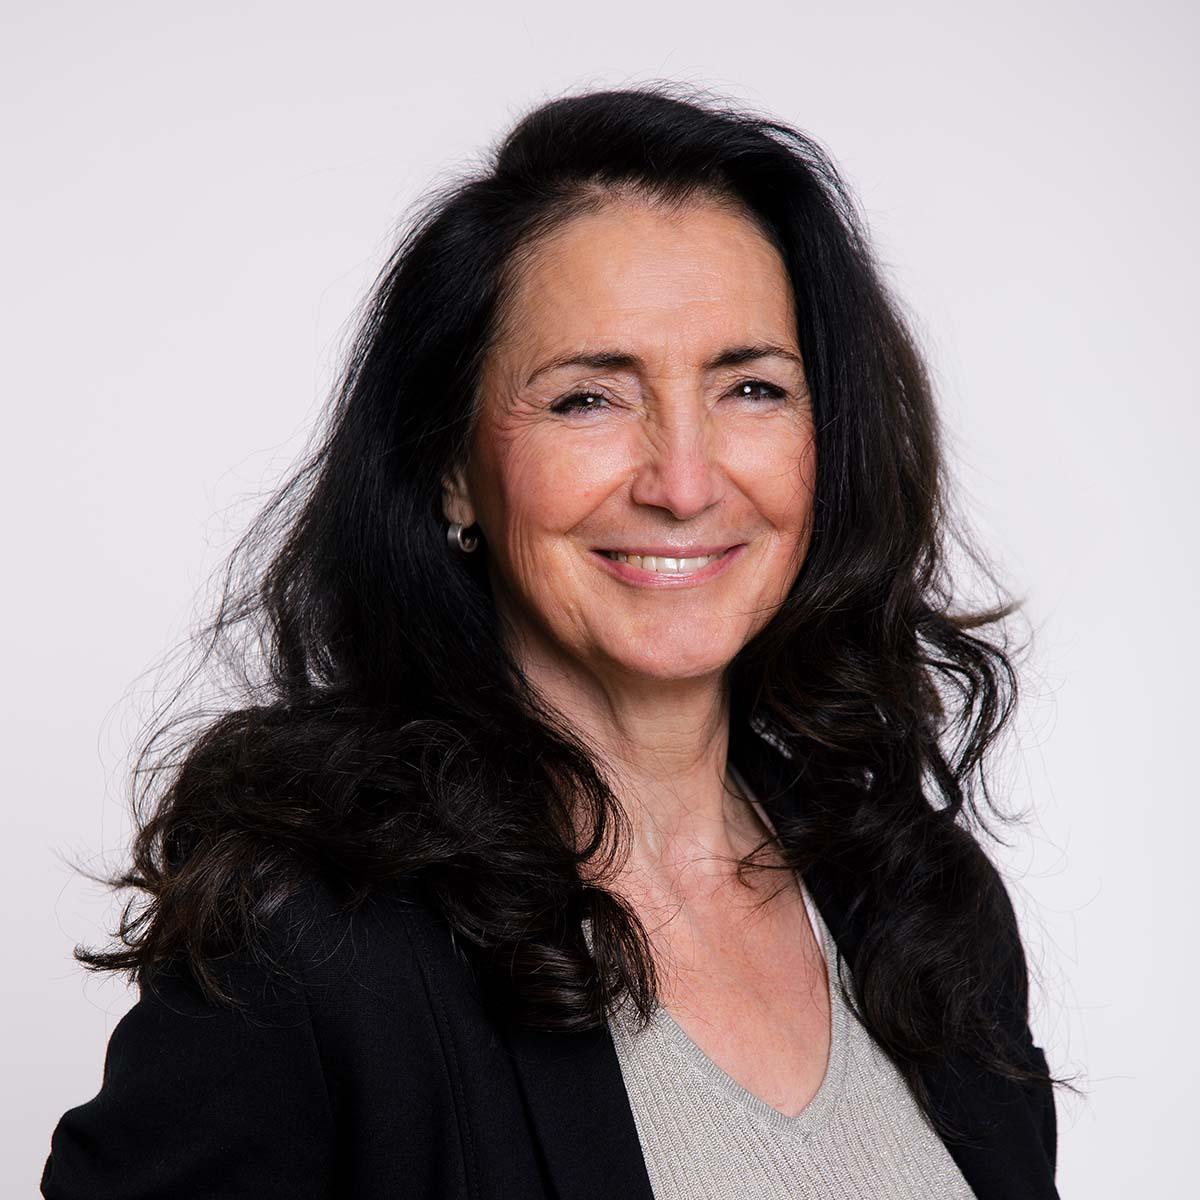 Marion Hoop